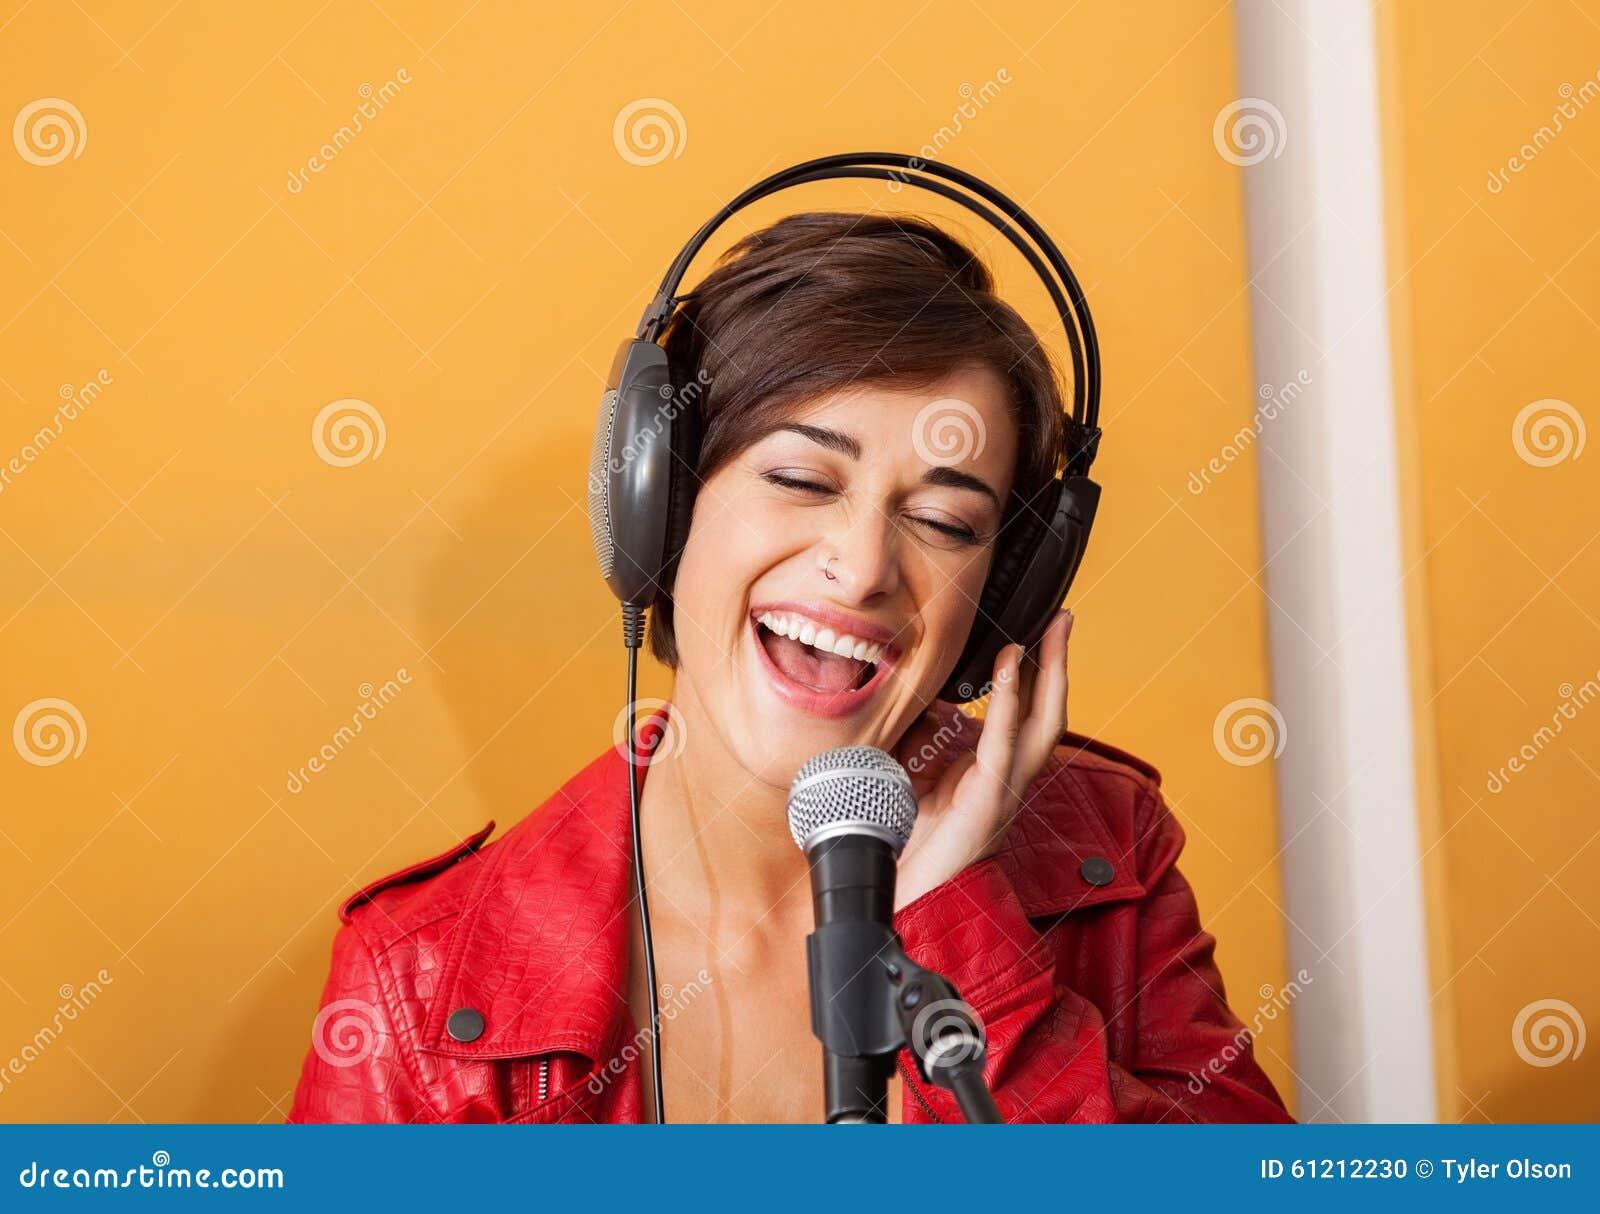 Радостная женщина поя в студии звукозаписи